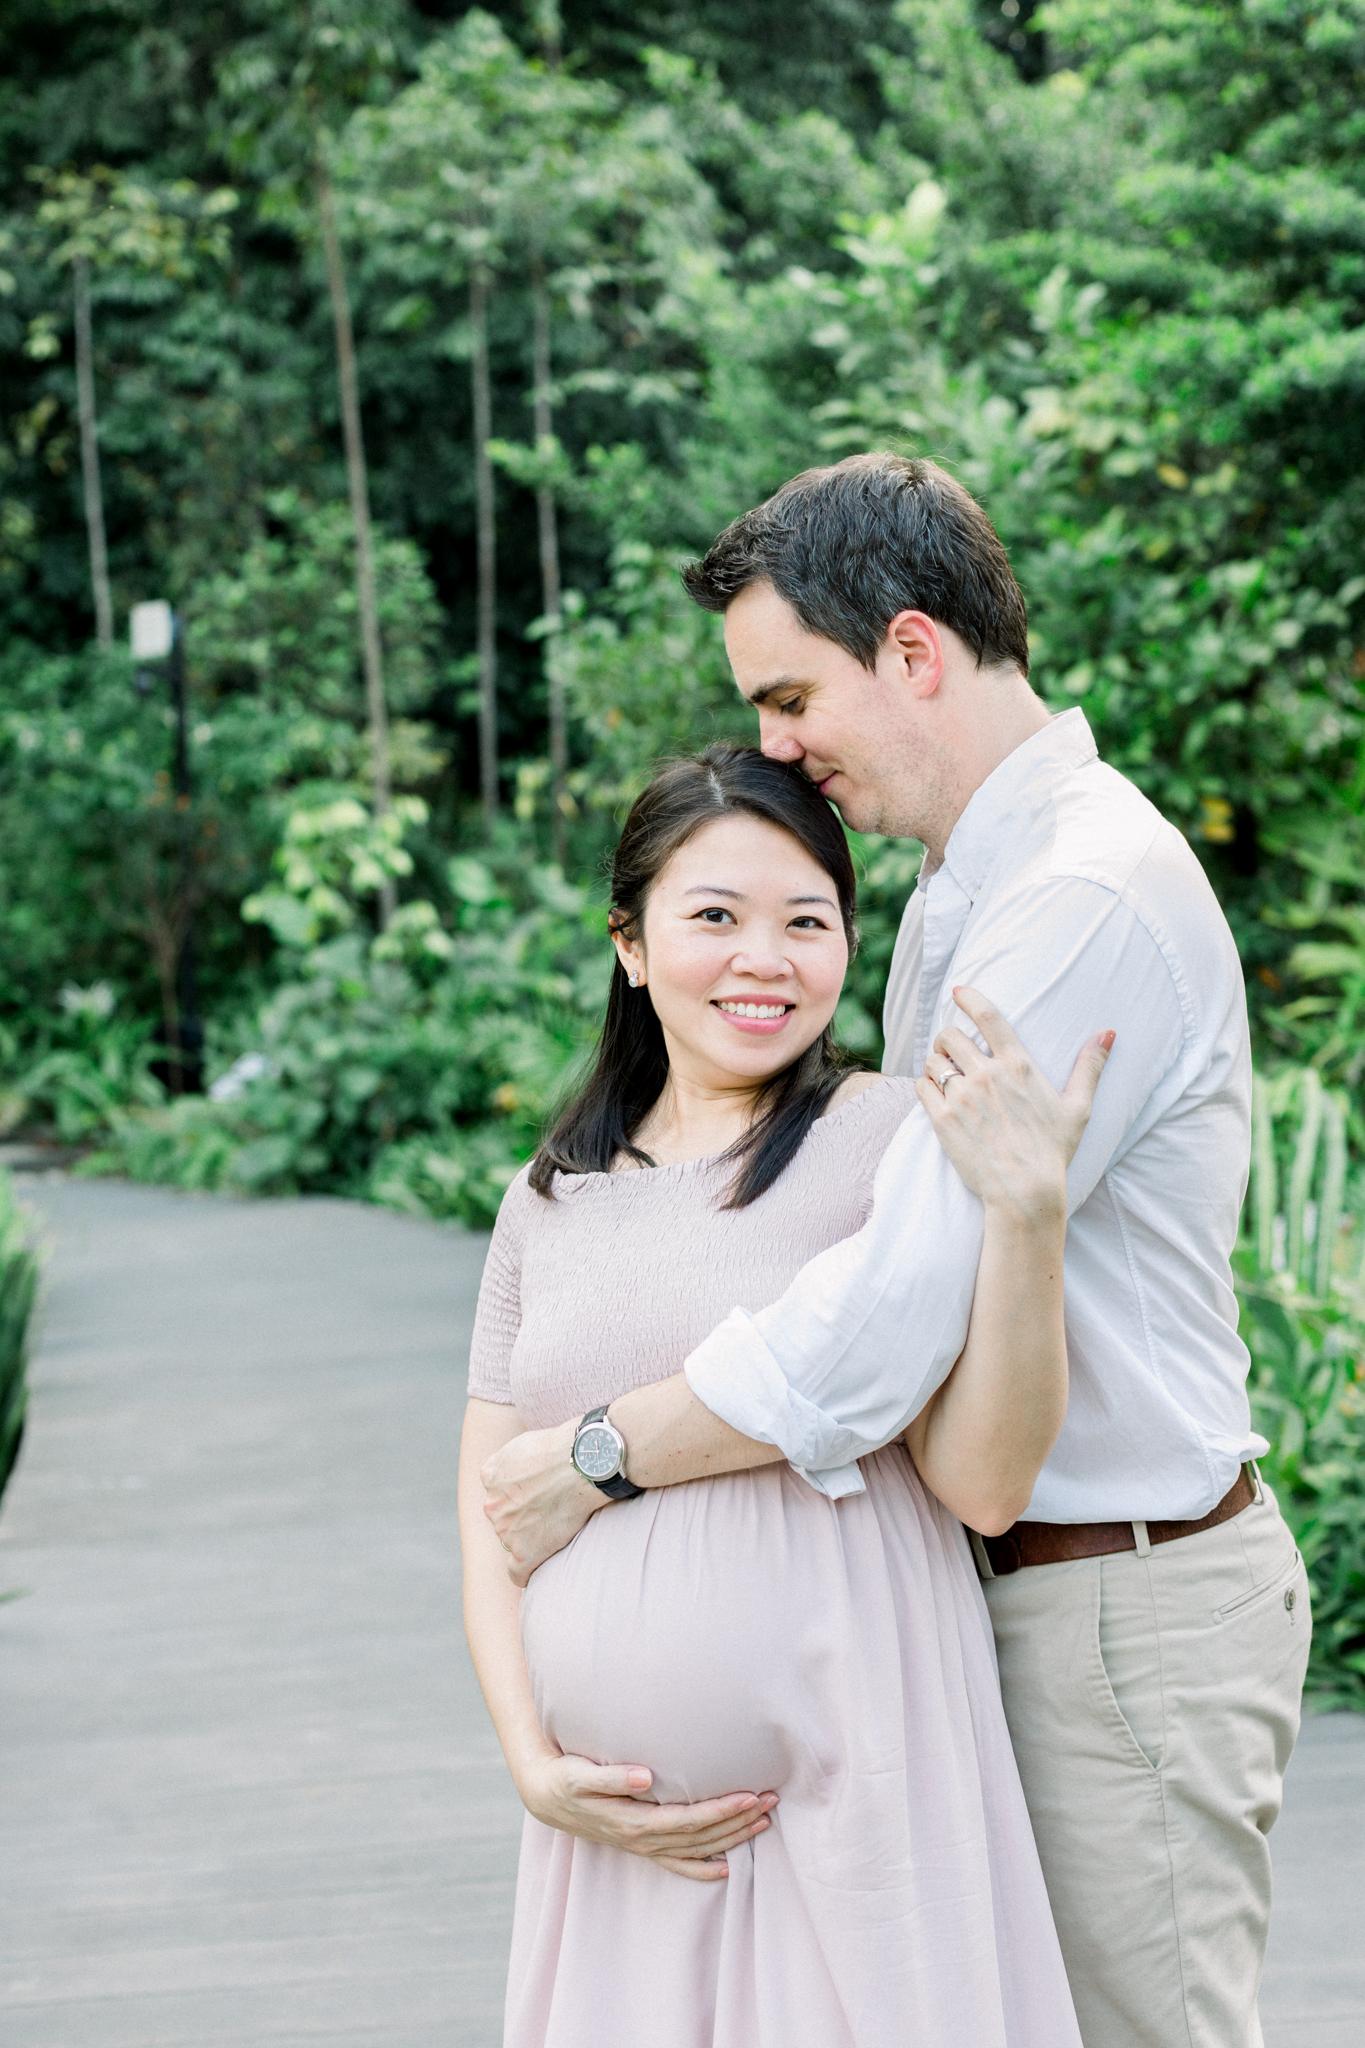 Maternity photography singapore Maternity photoshoot Singapore Singapore Maternity photoshoot  Singapore Maternity photoshoot mother to be singapore expecting singapore 2019